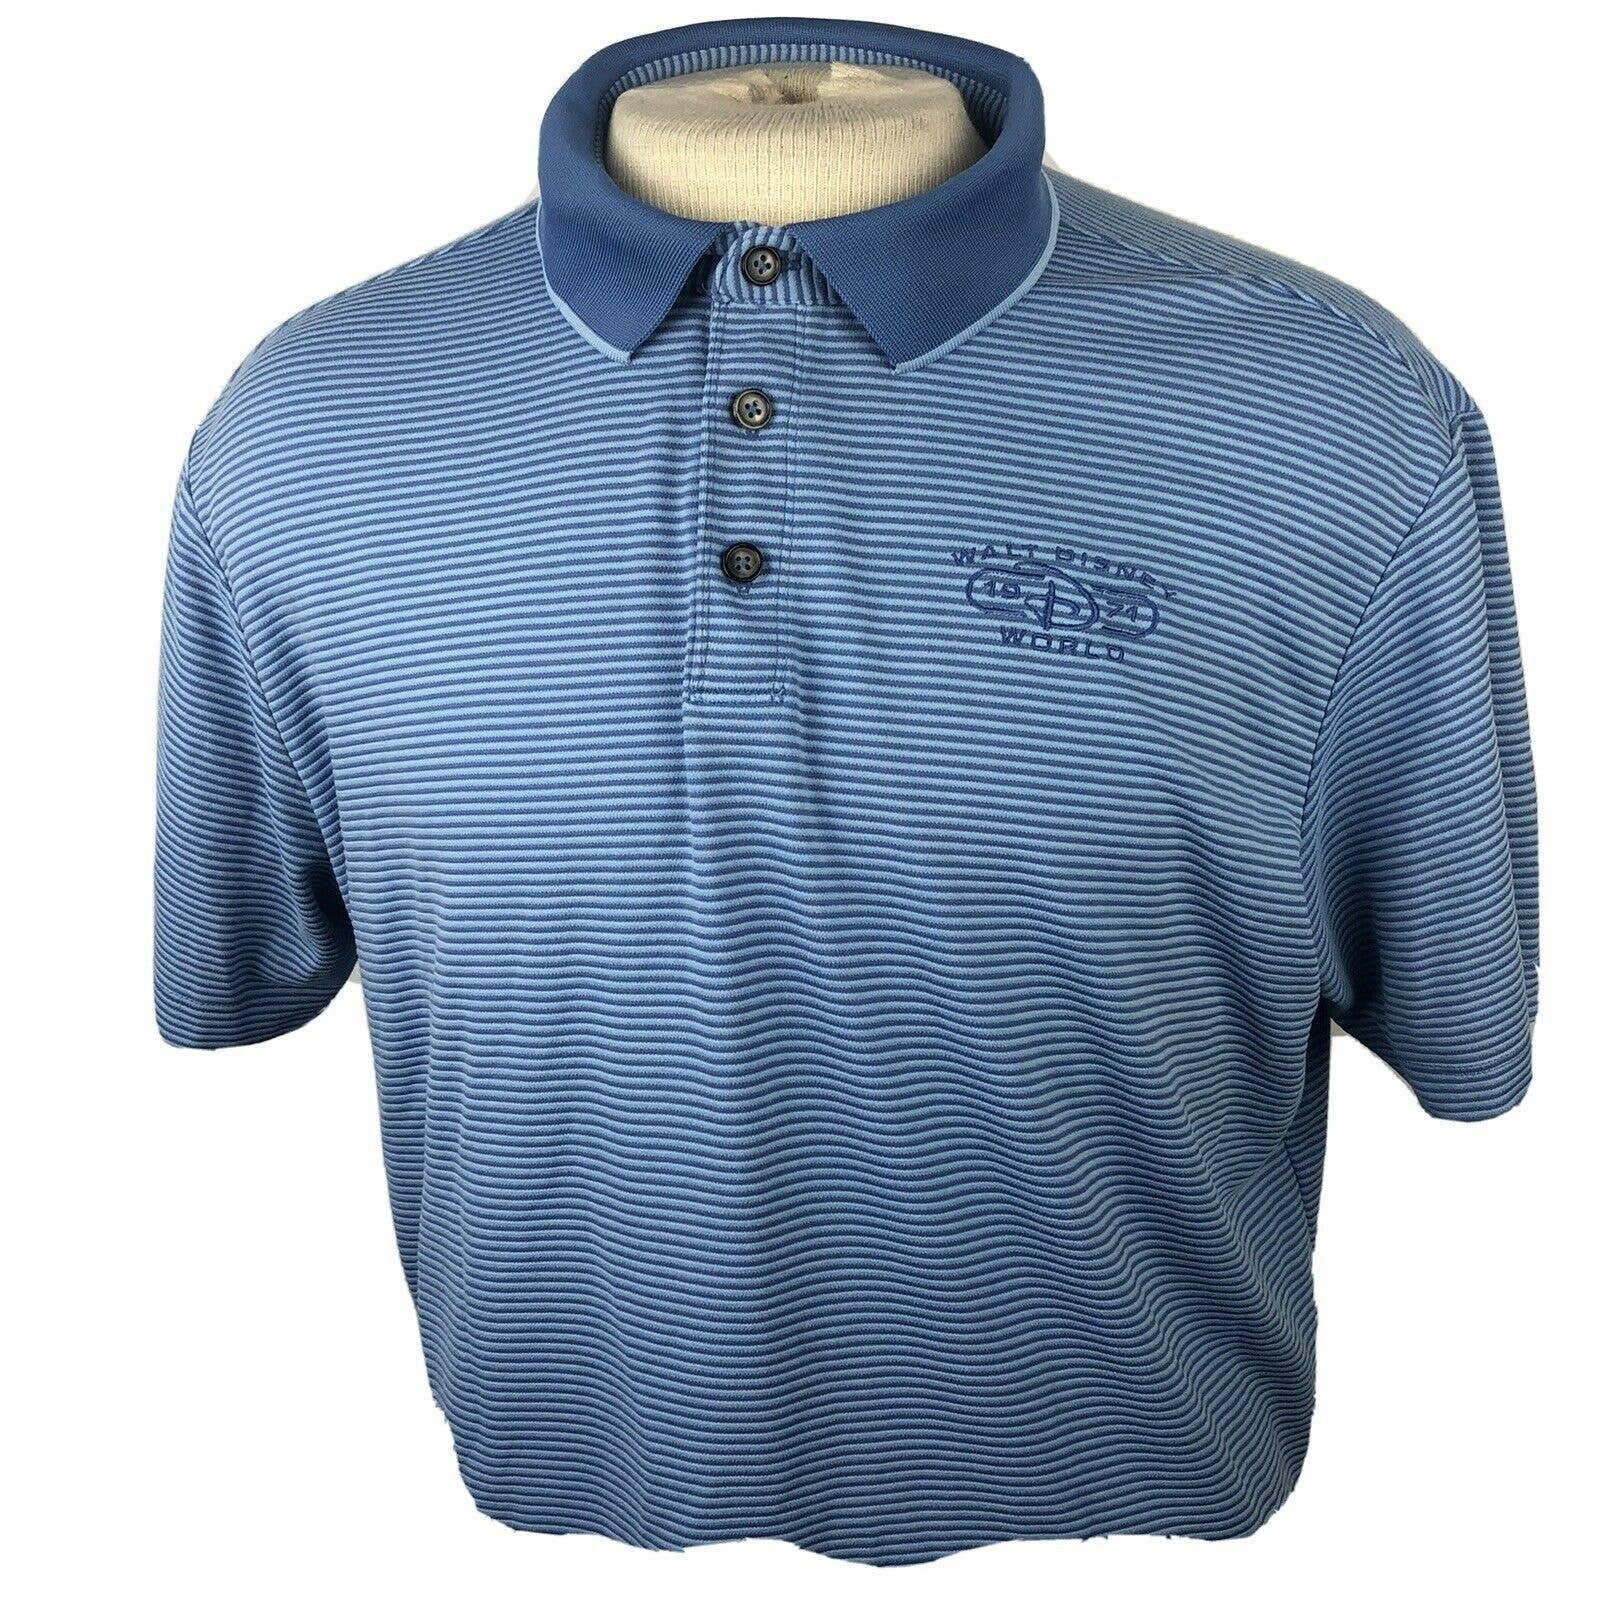 Disney Mens Blue Striped Polo Size Xl